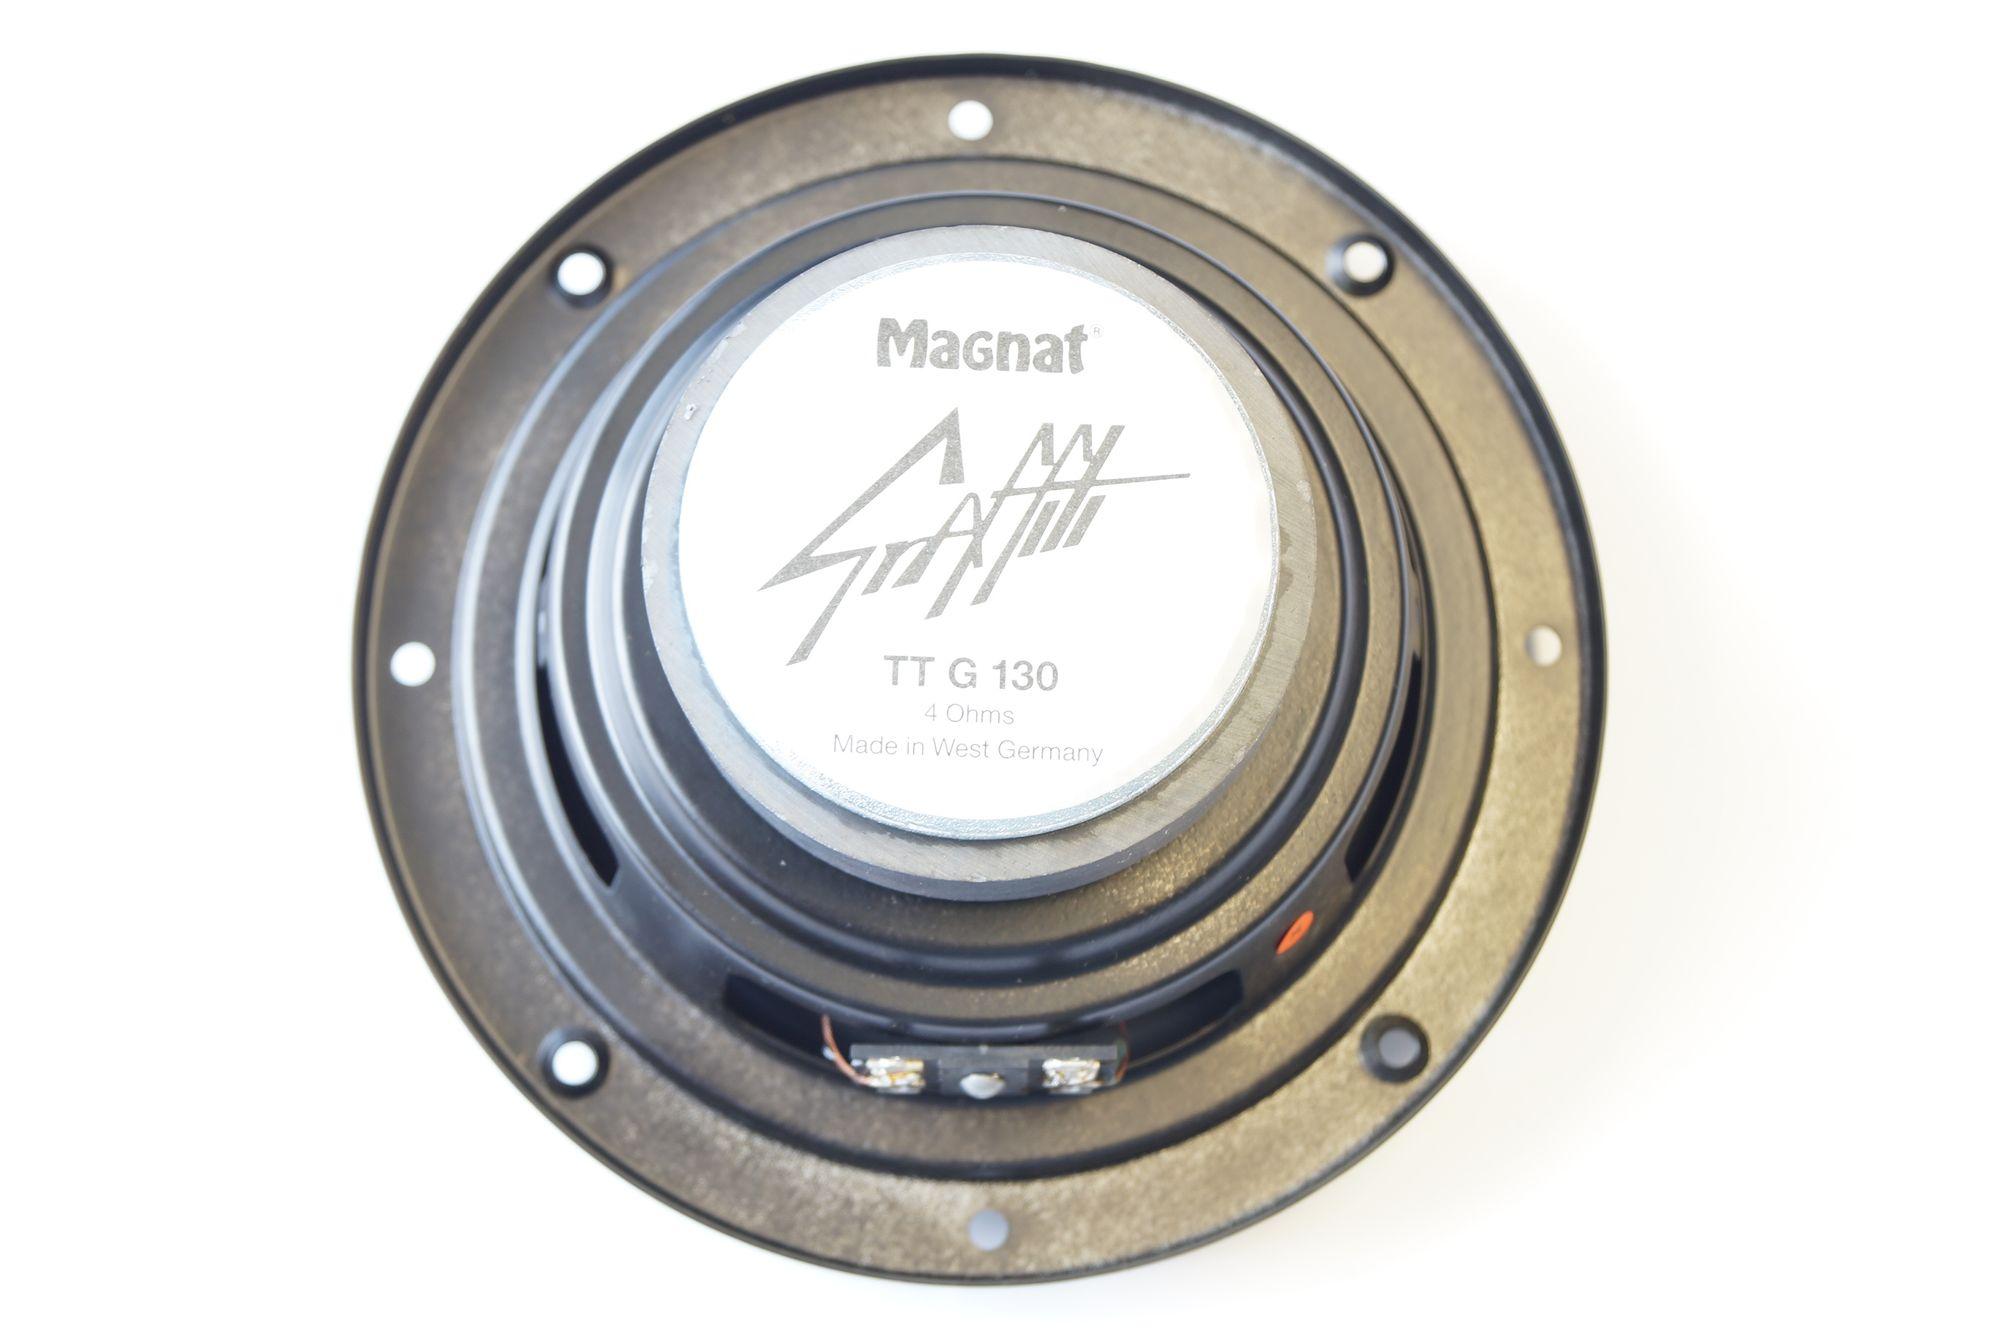 Magnat TT G 130 mm Tiefmitteltöner aus Graffiti Serie 1 Stück – Bild 3